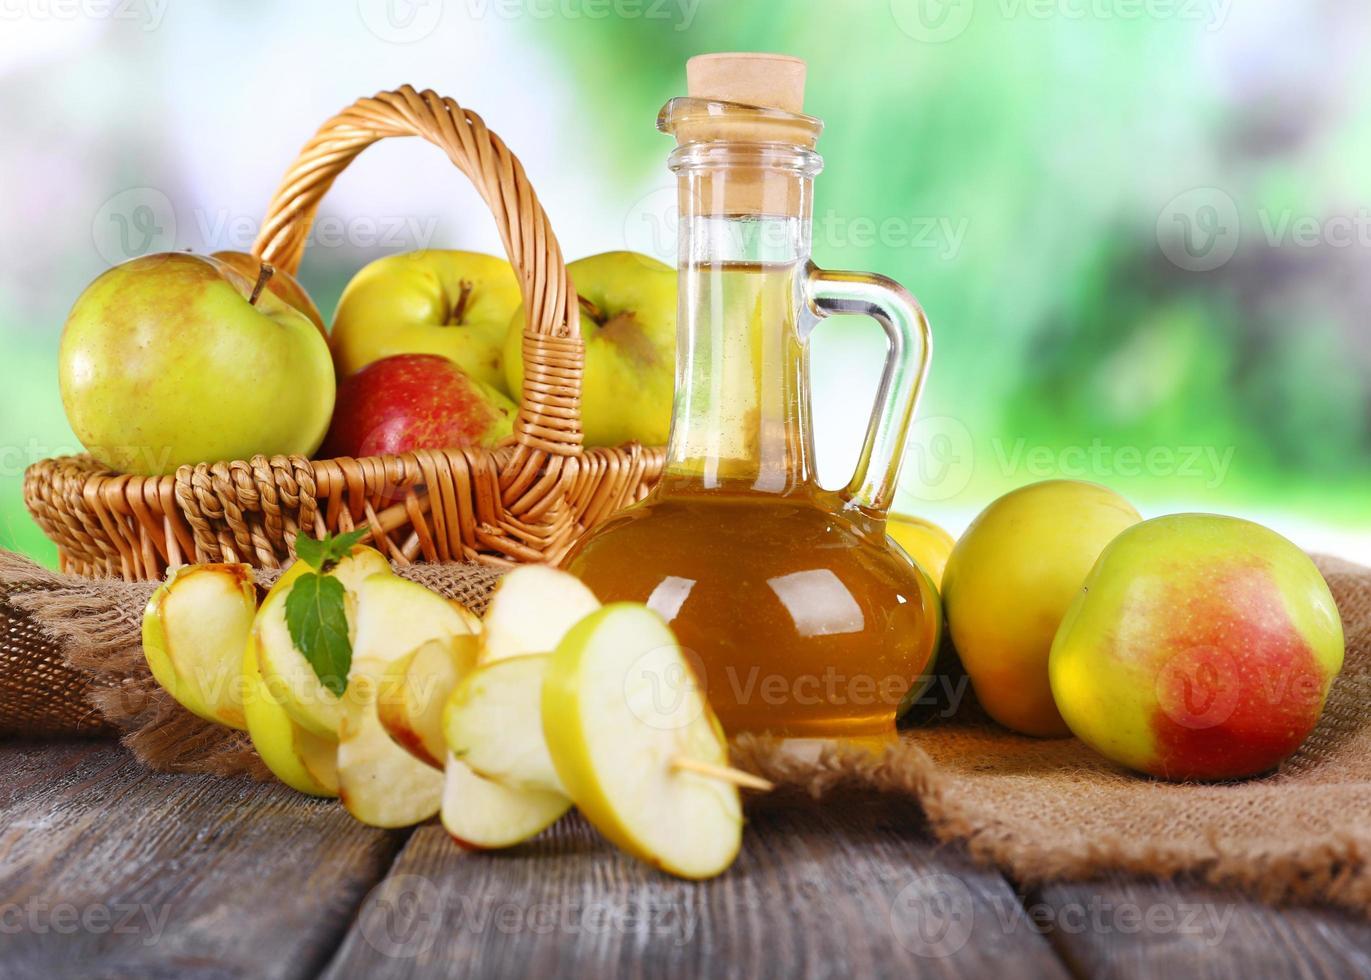 vinagre de manzana en botella y manzanas, en la mesa foto